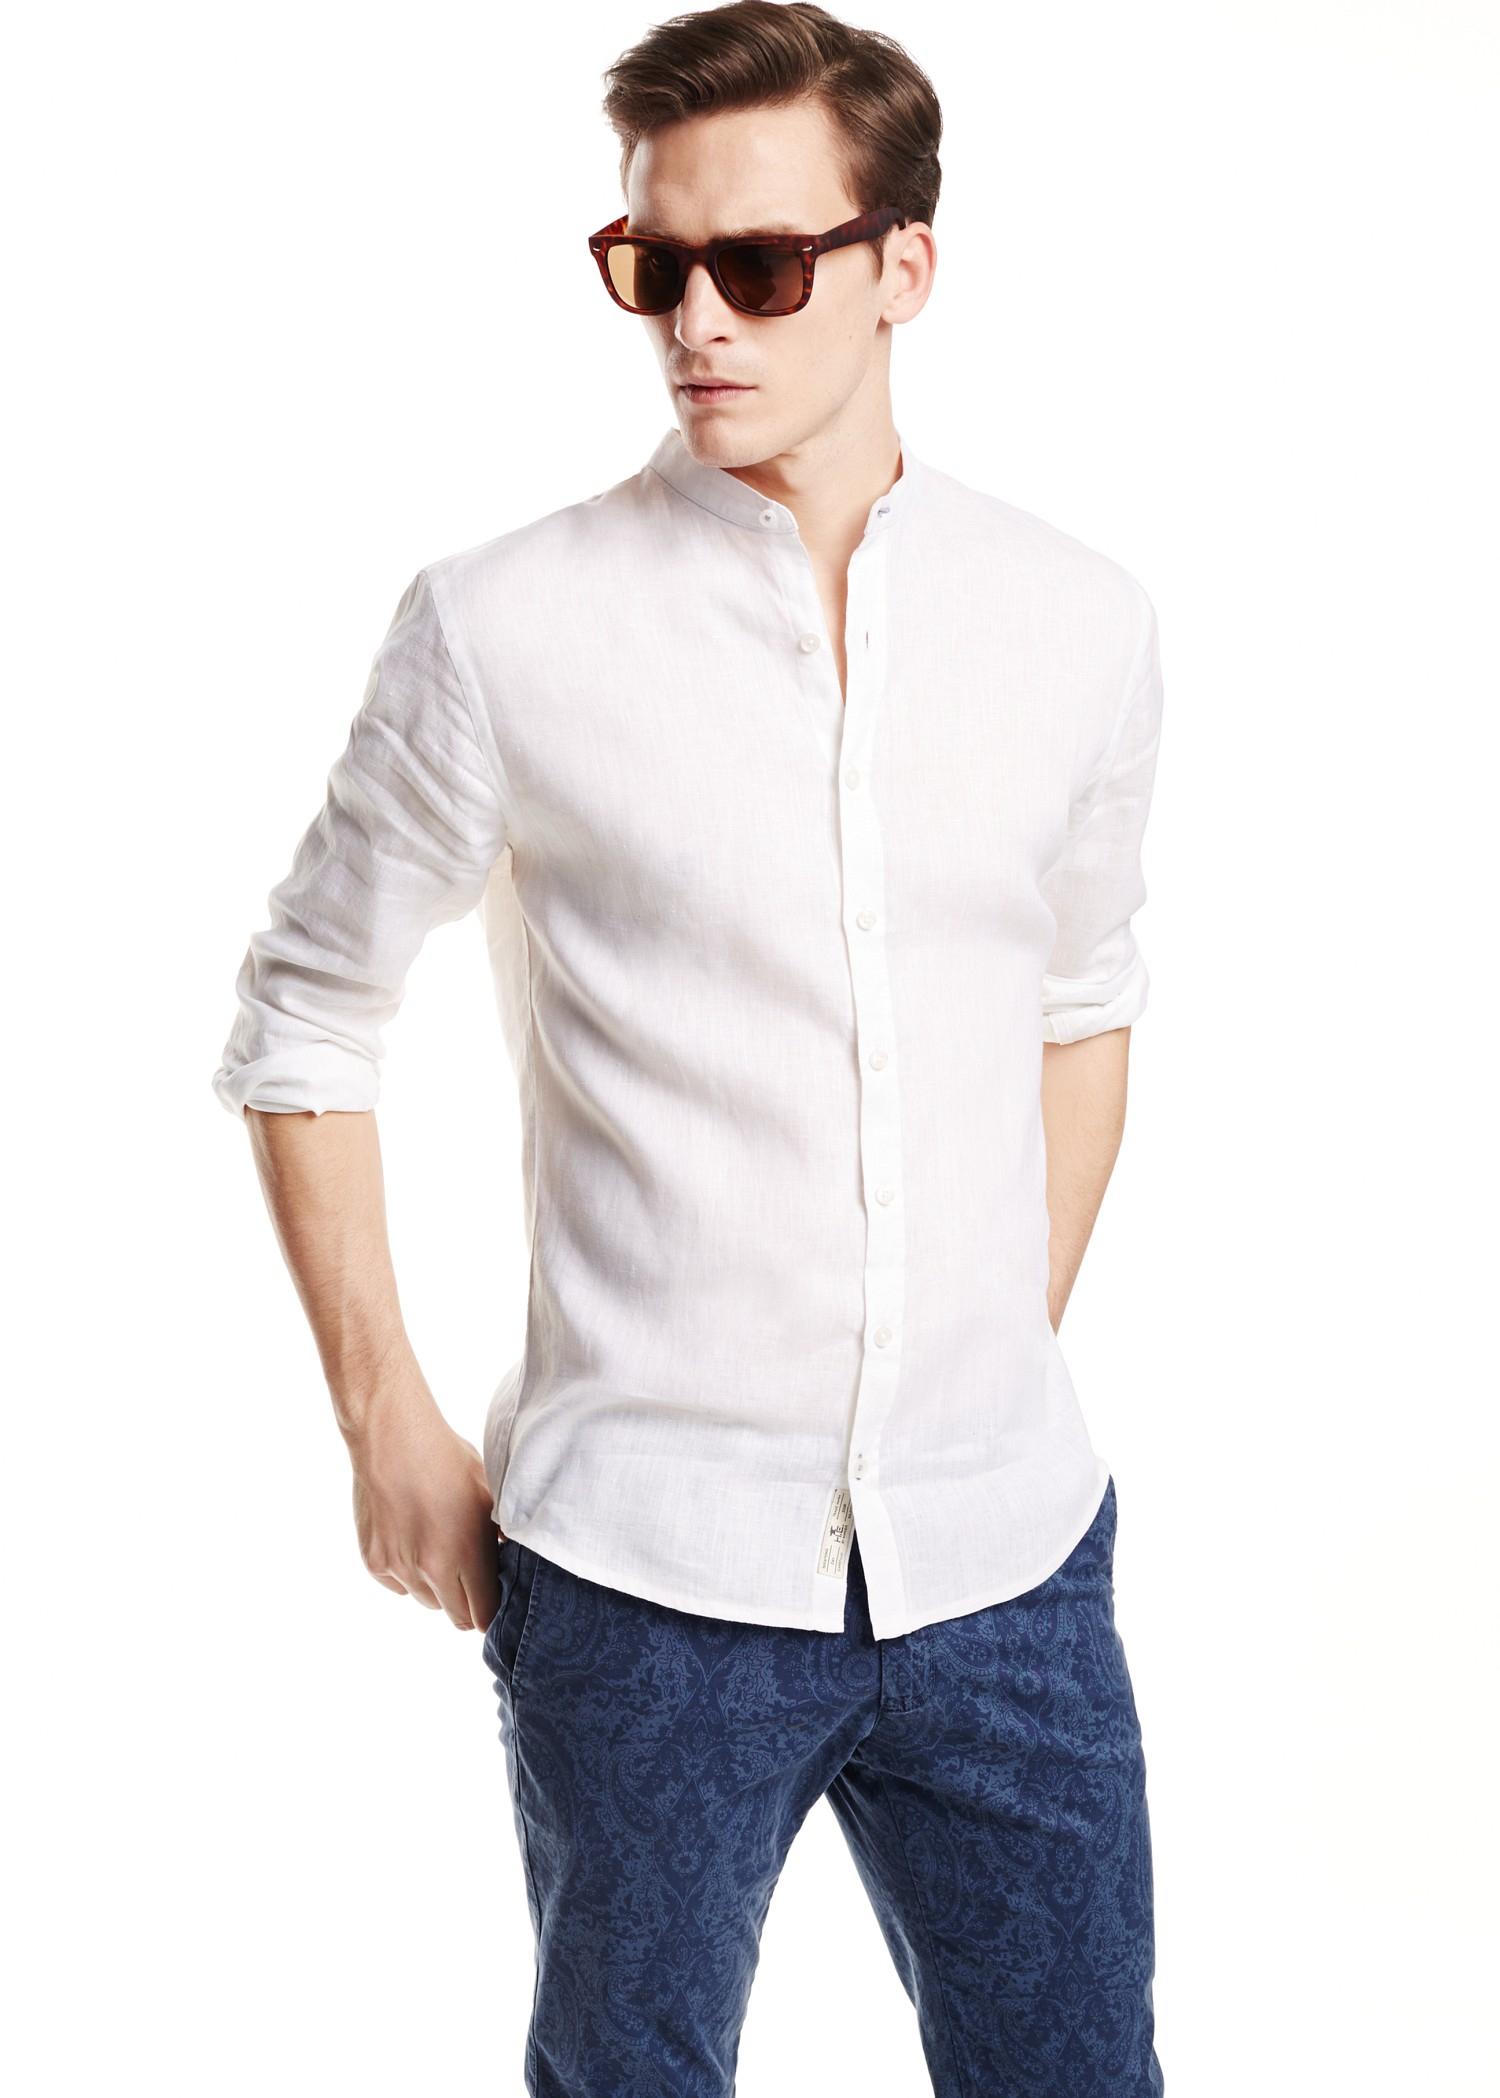 24564ec0fa84 Lyst - Mango Slimfit Mao Collar Linen Shirt in White for Men